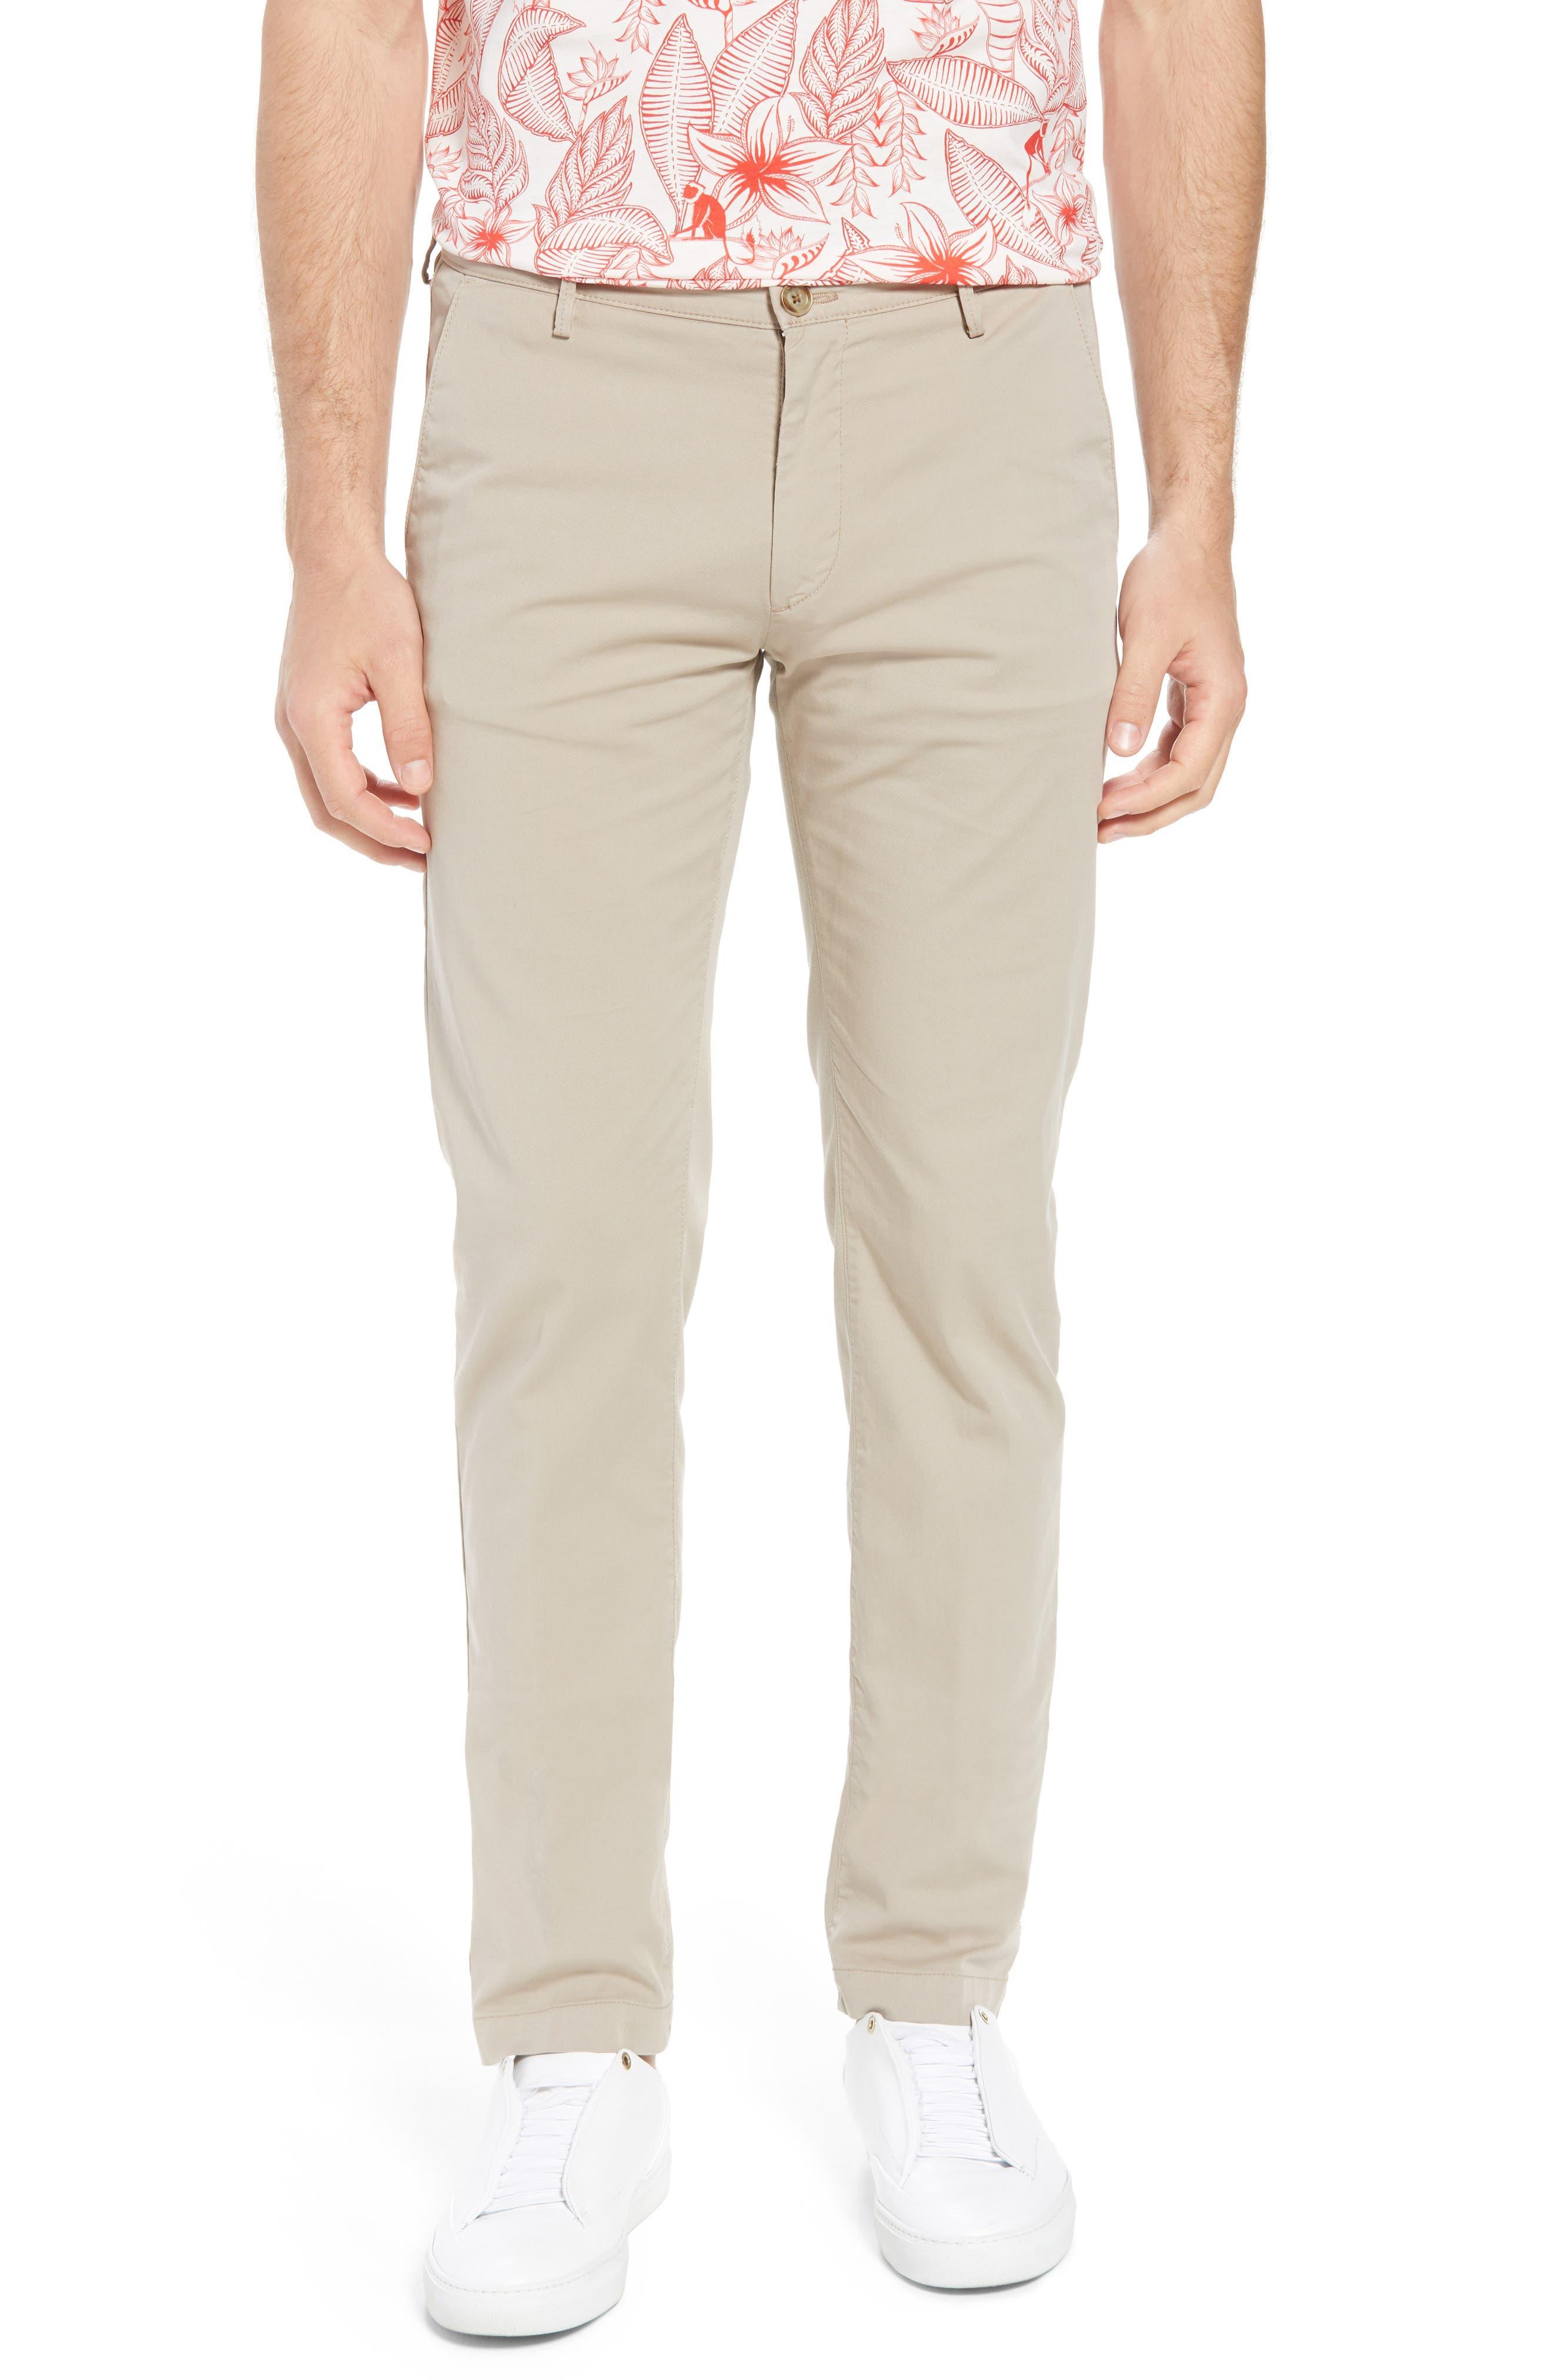 Rice Slim Fit Chino Pants,                             Main thumbnail 1, color,                             Brown